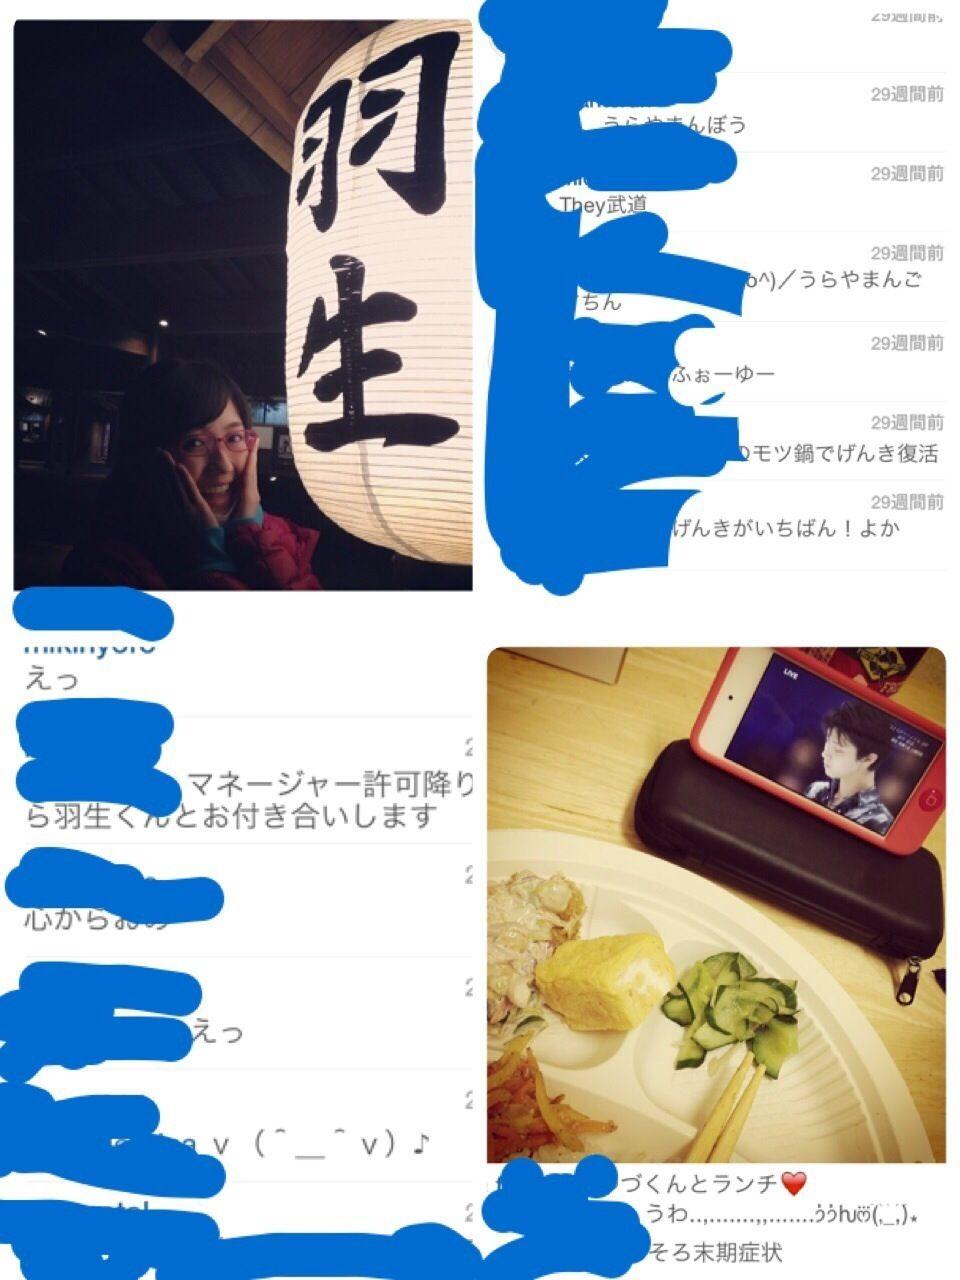 http://livedoor.blogimg.jp/hellopro2ch/imgs/e/7/e7dcfa46.jpg